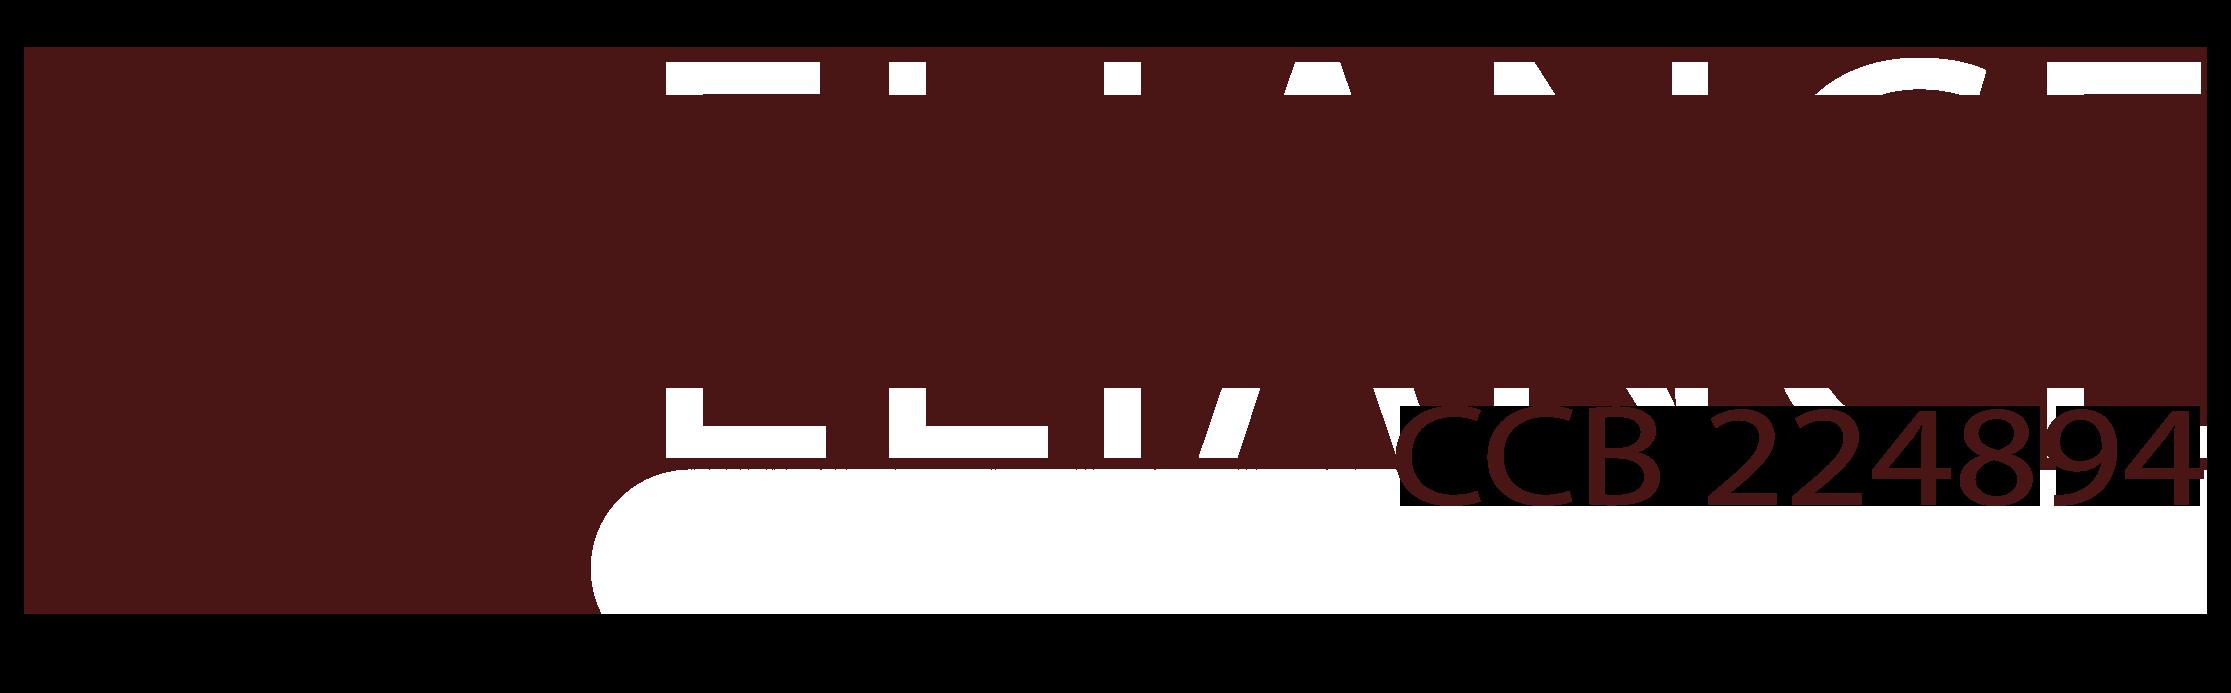 Reliance Properties LLC